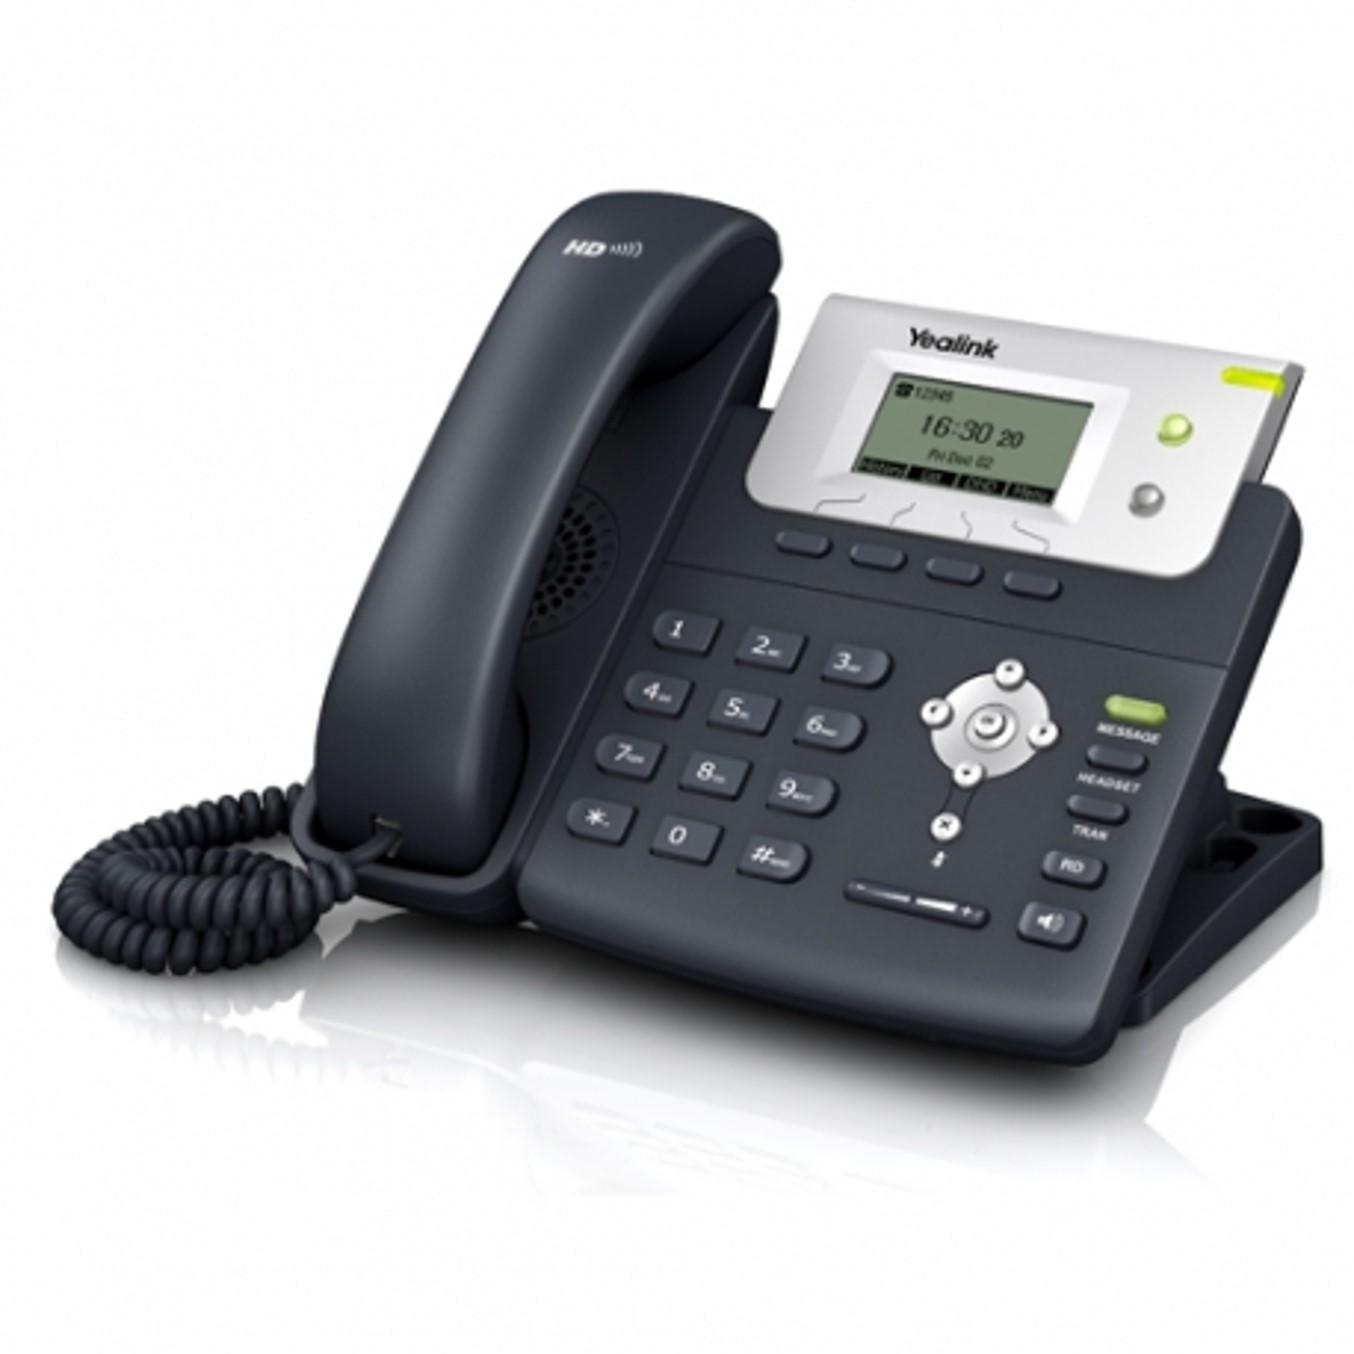 Telefono ip yealink sip - t21p full duplex -  1000 entradas